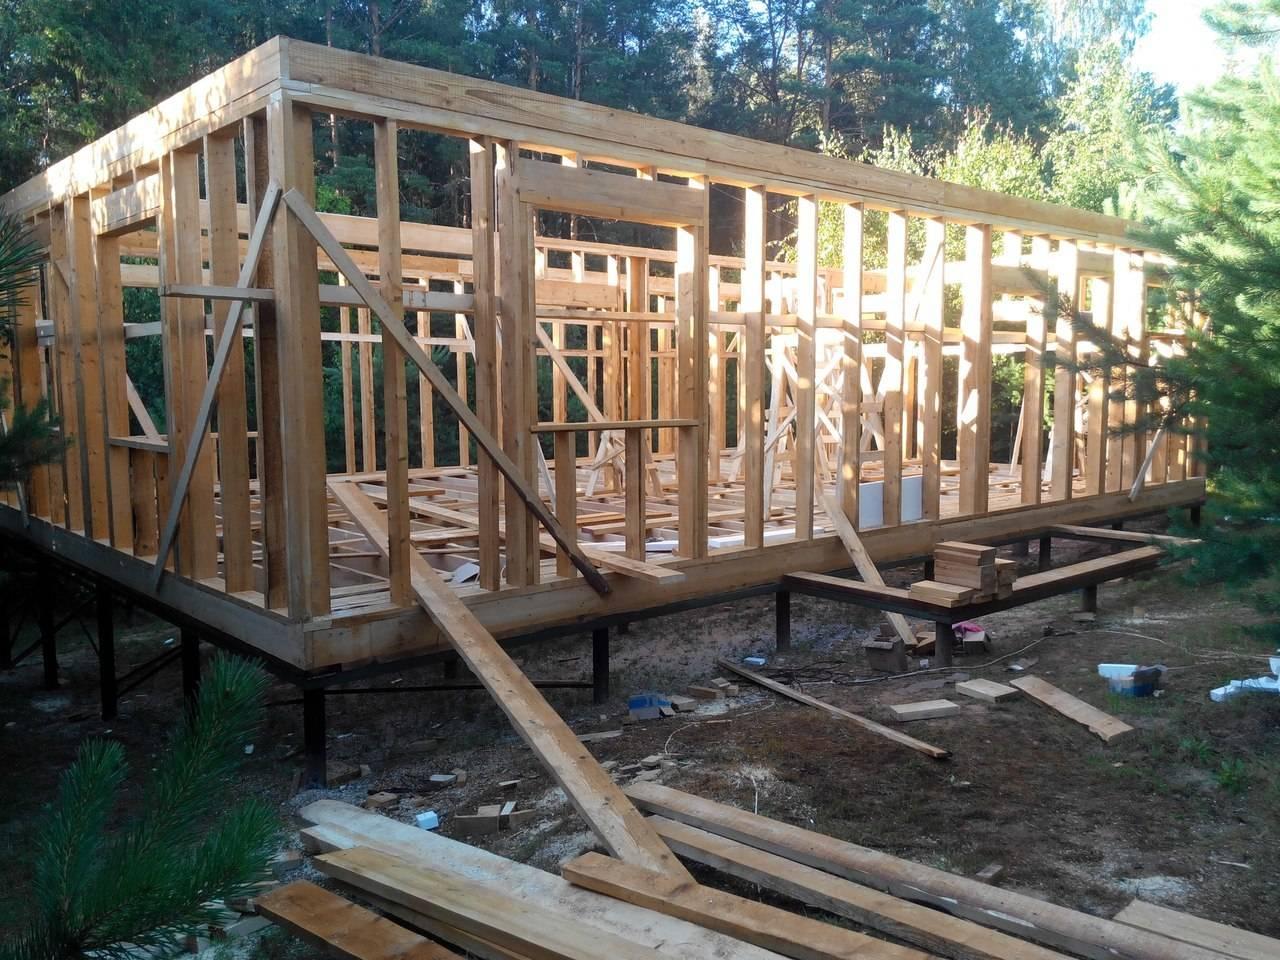 Учимся на чужих ошибках: как нельзя строить каркасный дом - домэксперт